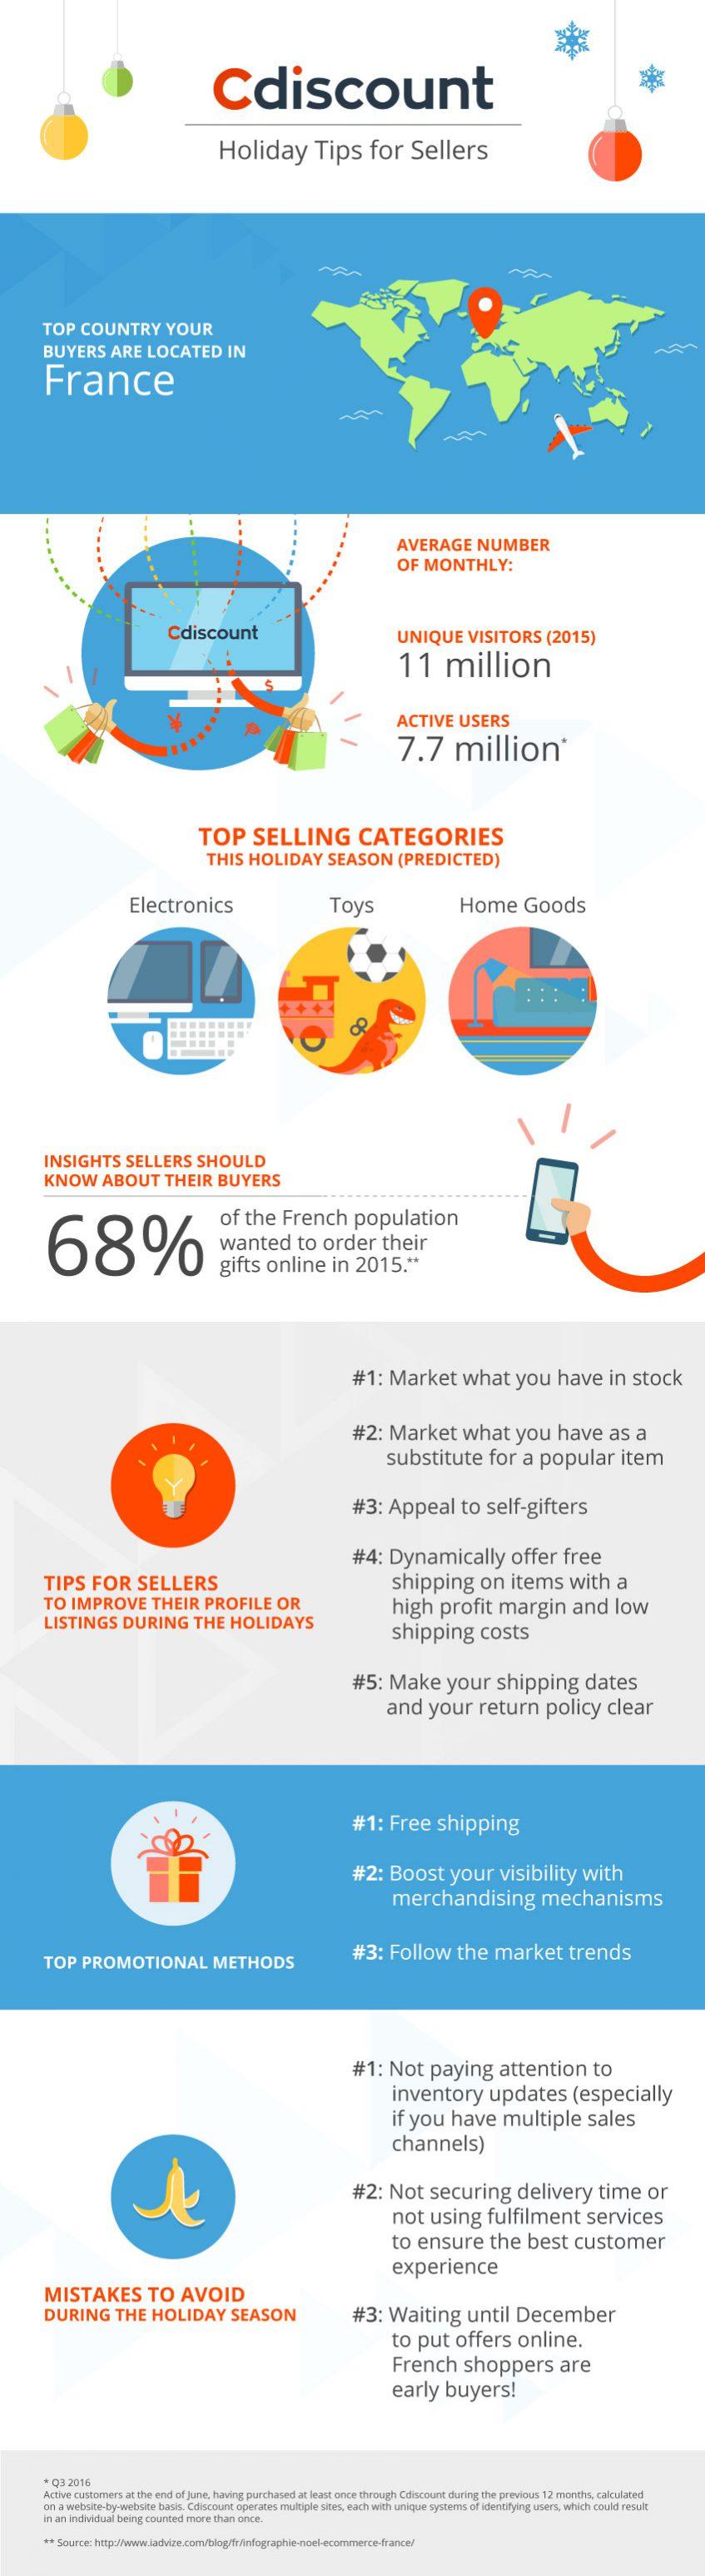 infographic-cdiscount_dsn62_en